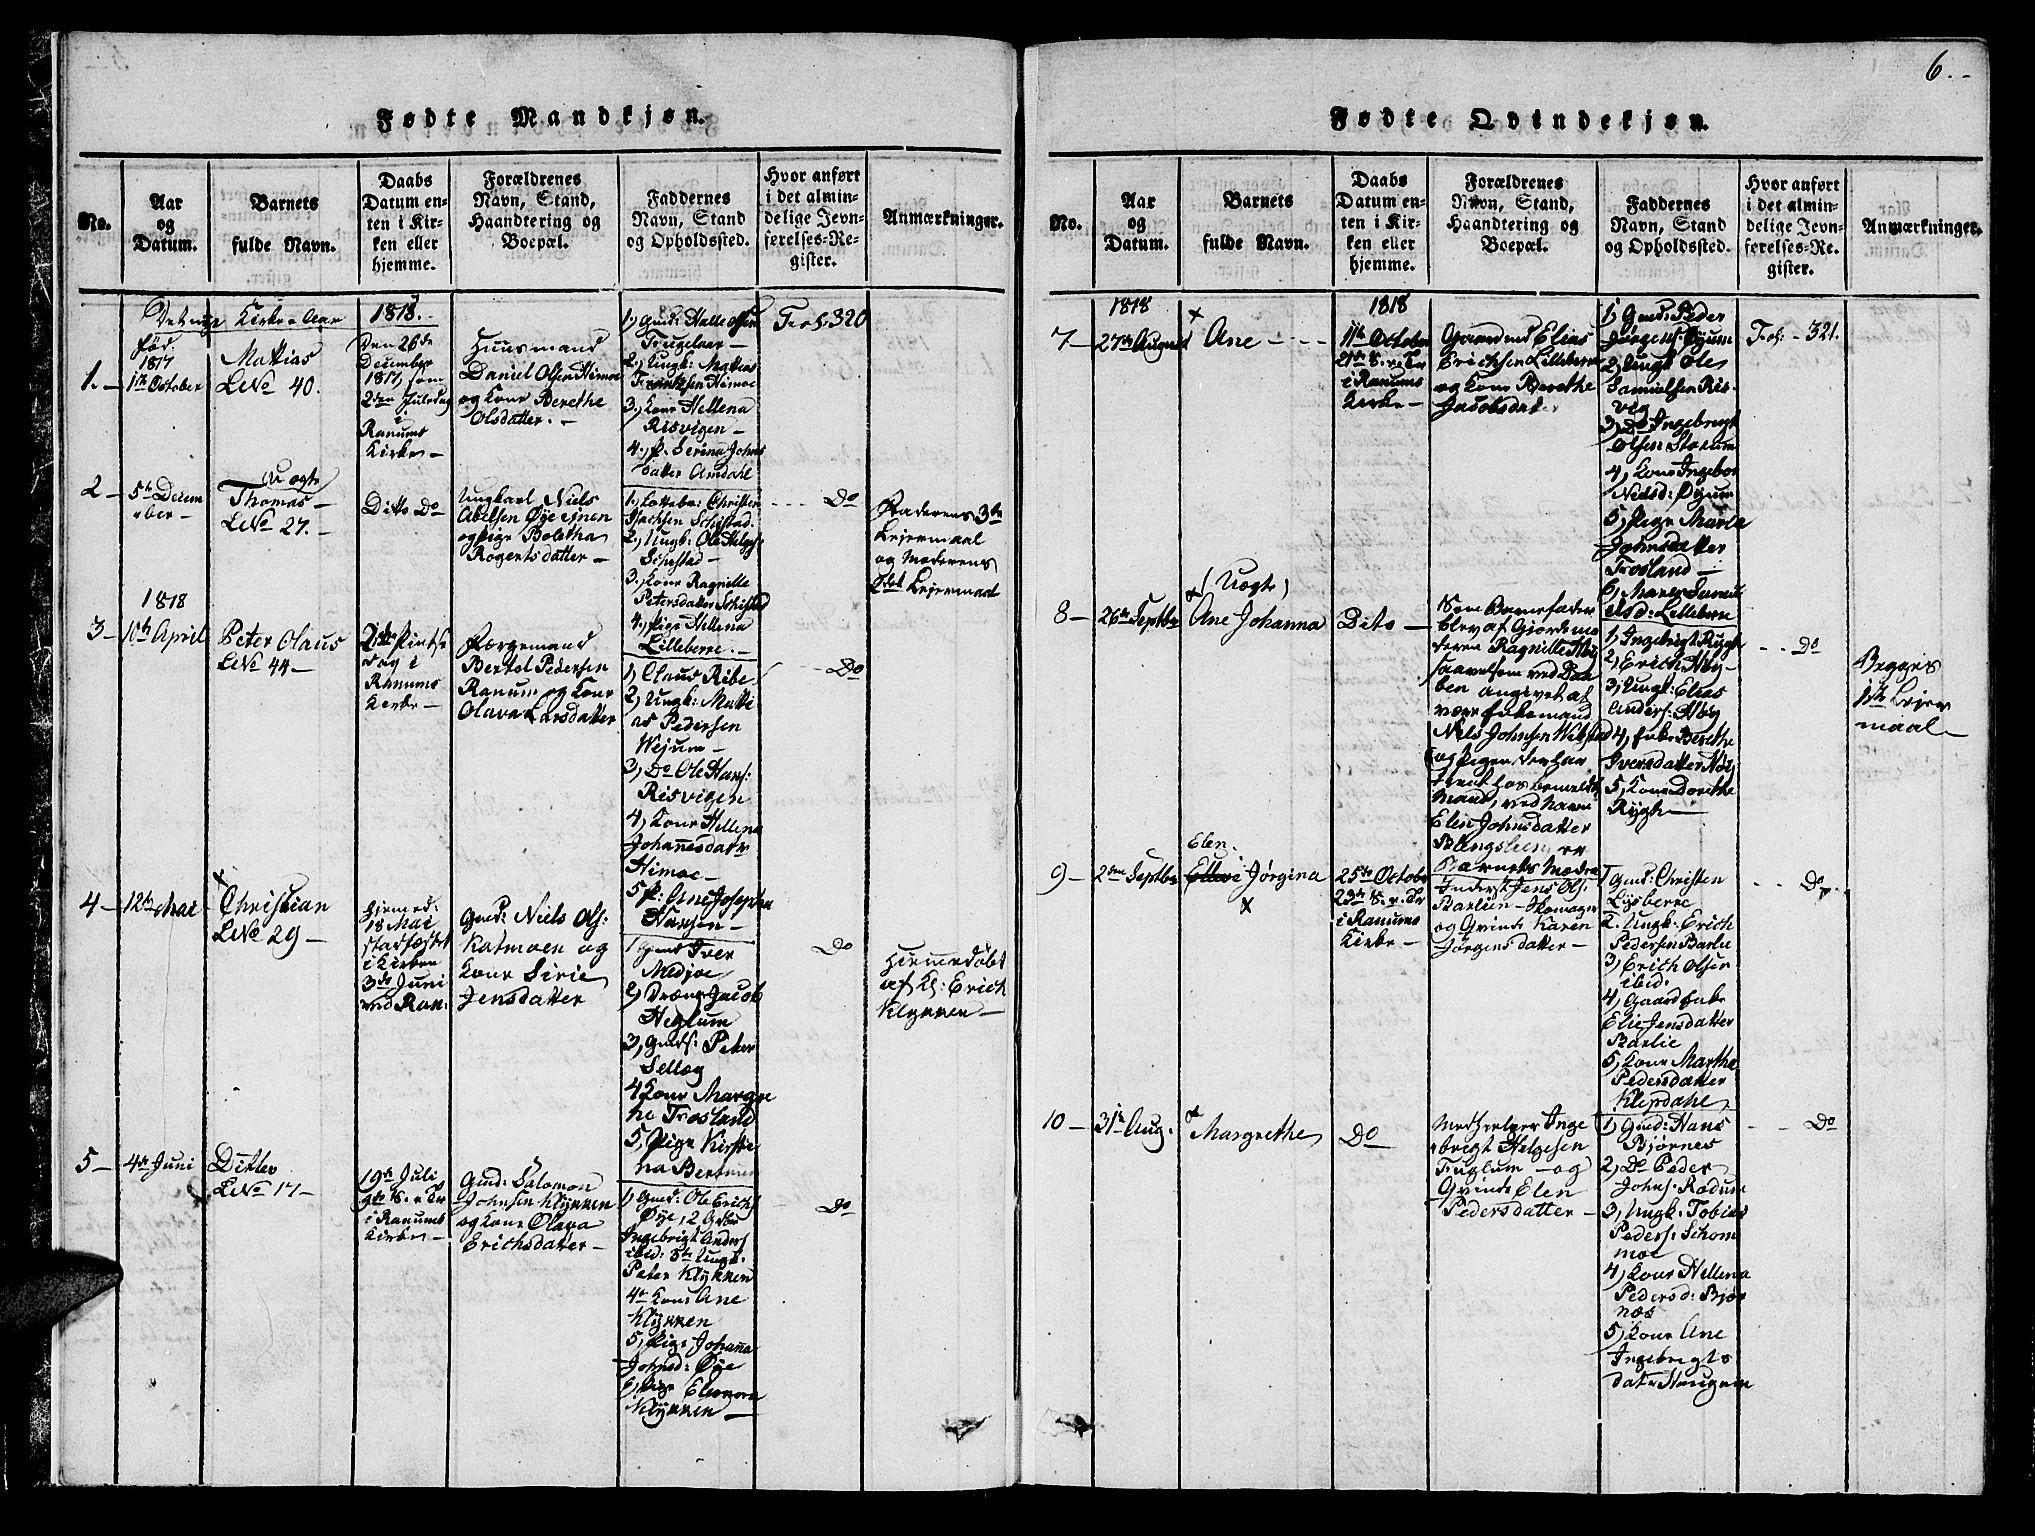 SAT, Ministerialprotokoller, klokkerbøker og fødselsregistre - Nord-Trøndelag, 764/L0546: Ministerialbok nr. 764A06 /1, 1816-1823, s. 6